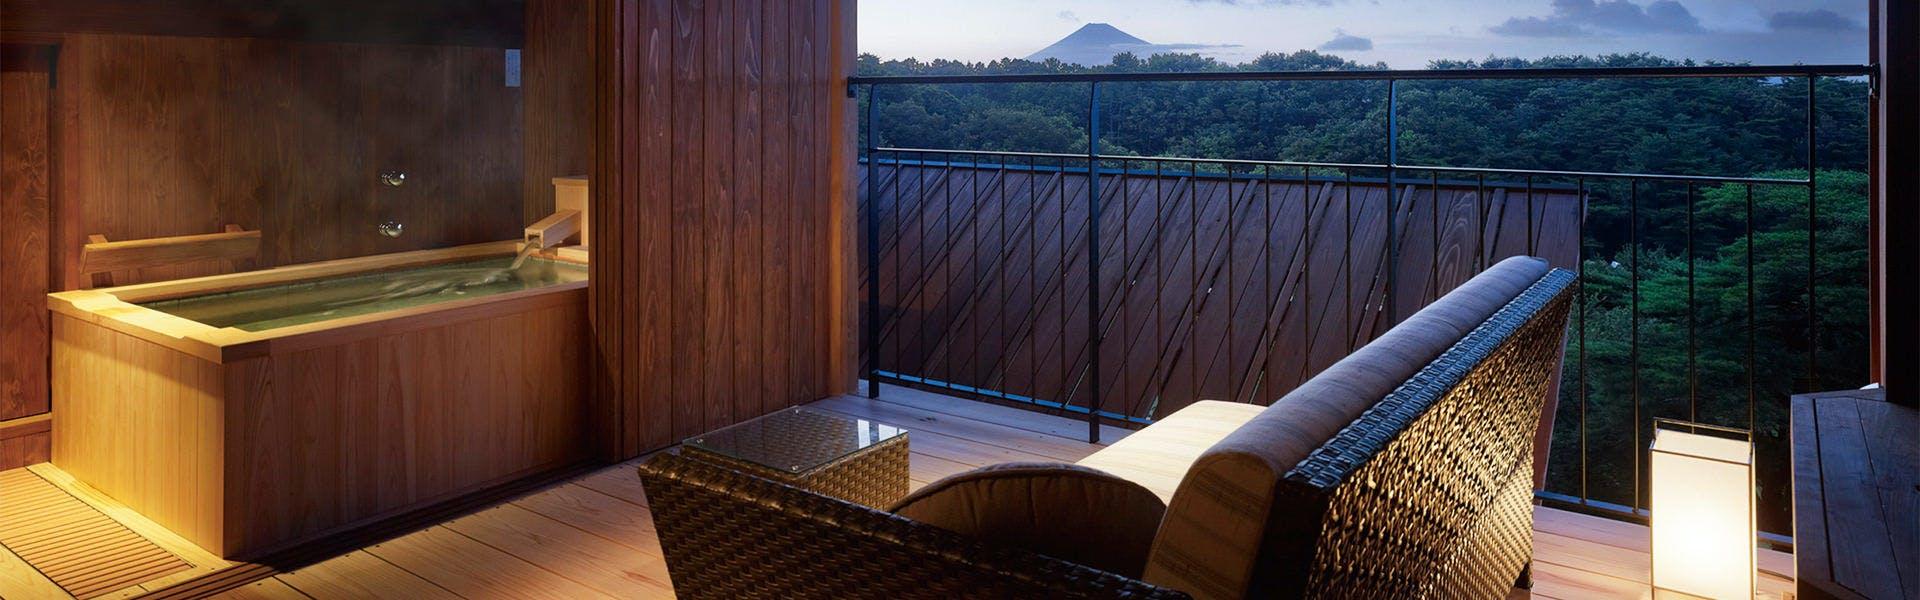 記念日におすすめのホテル・ホテルラフォーレ修善寺 山紫水明の写真1